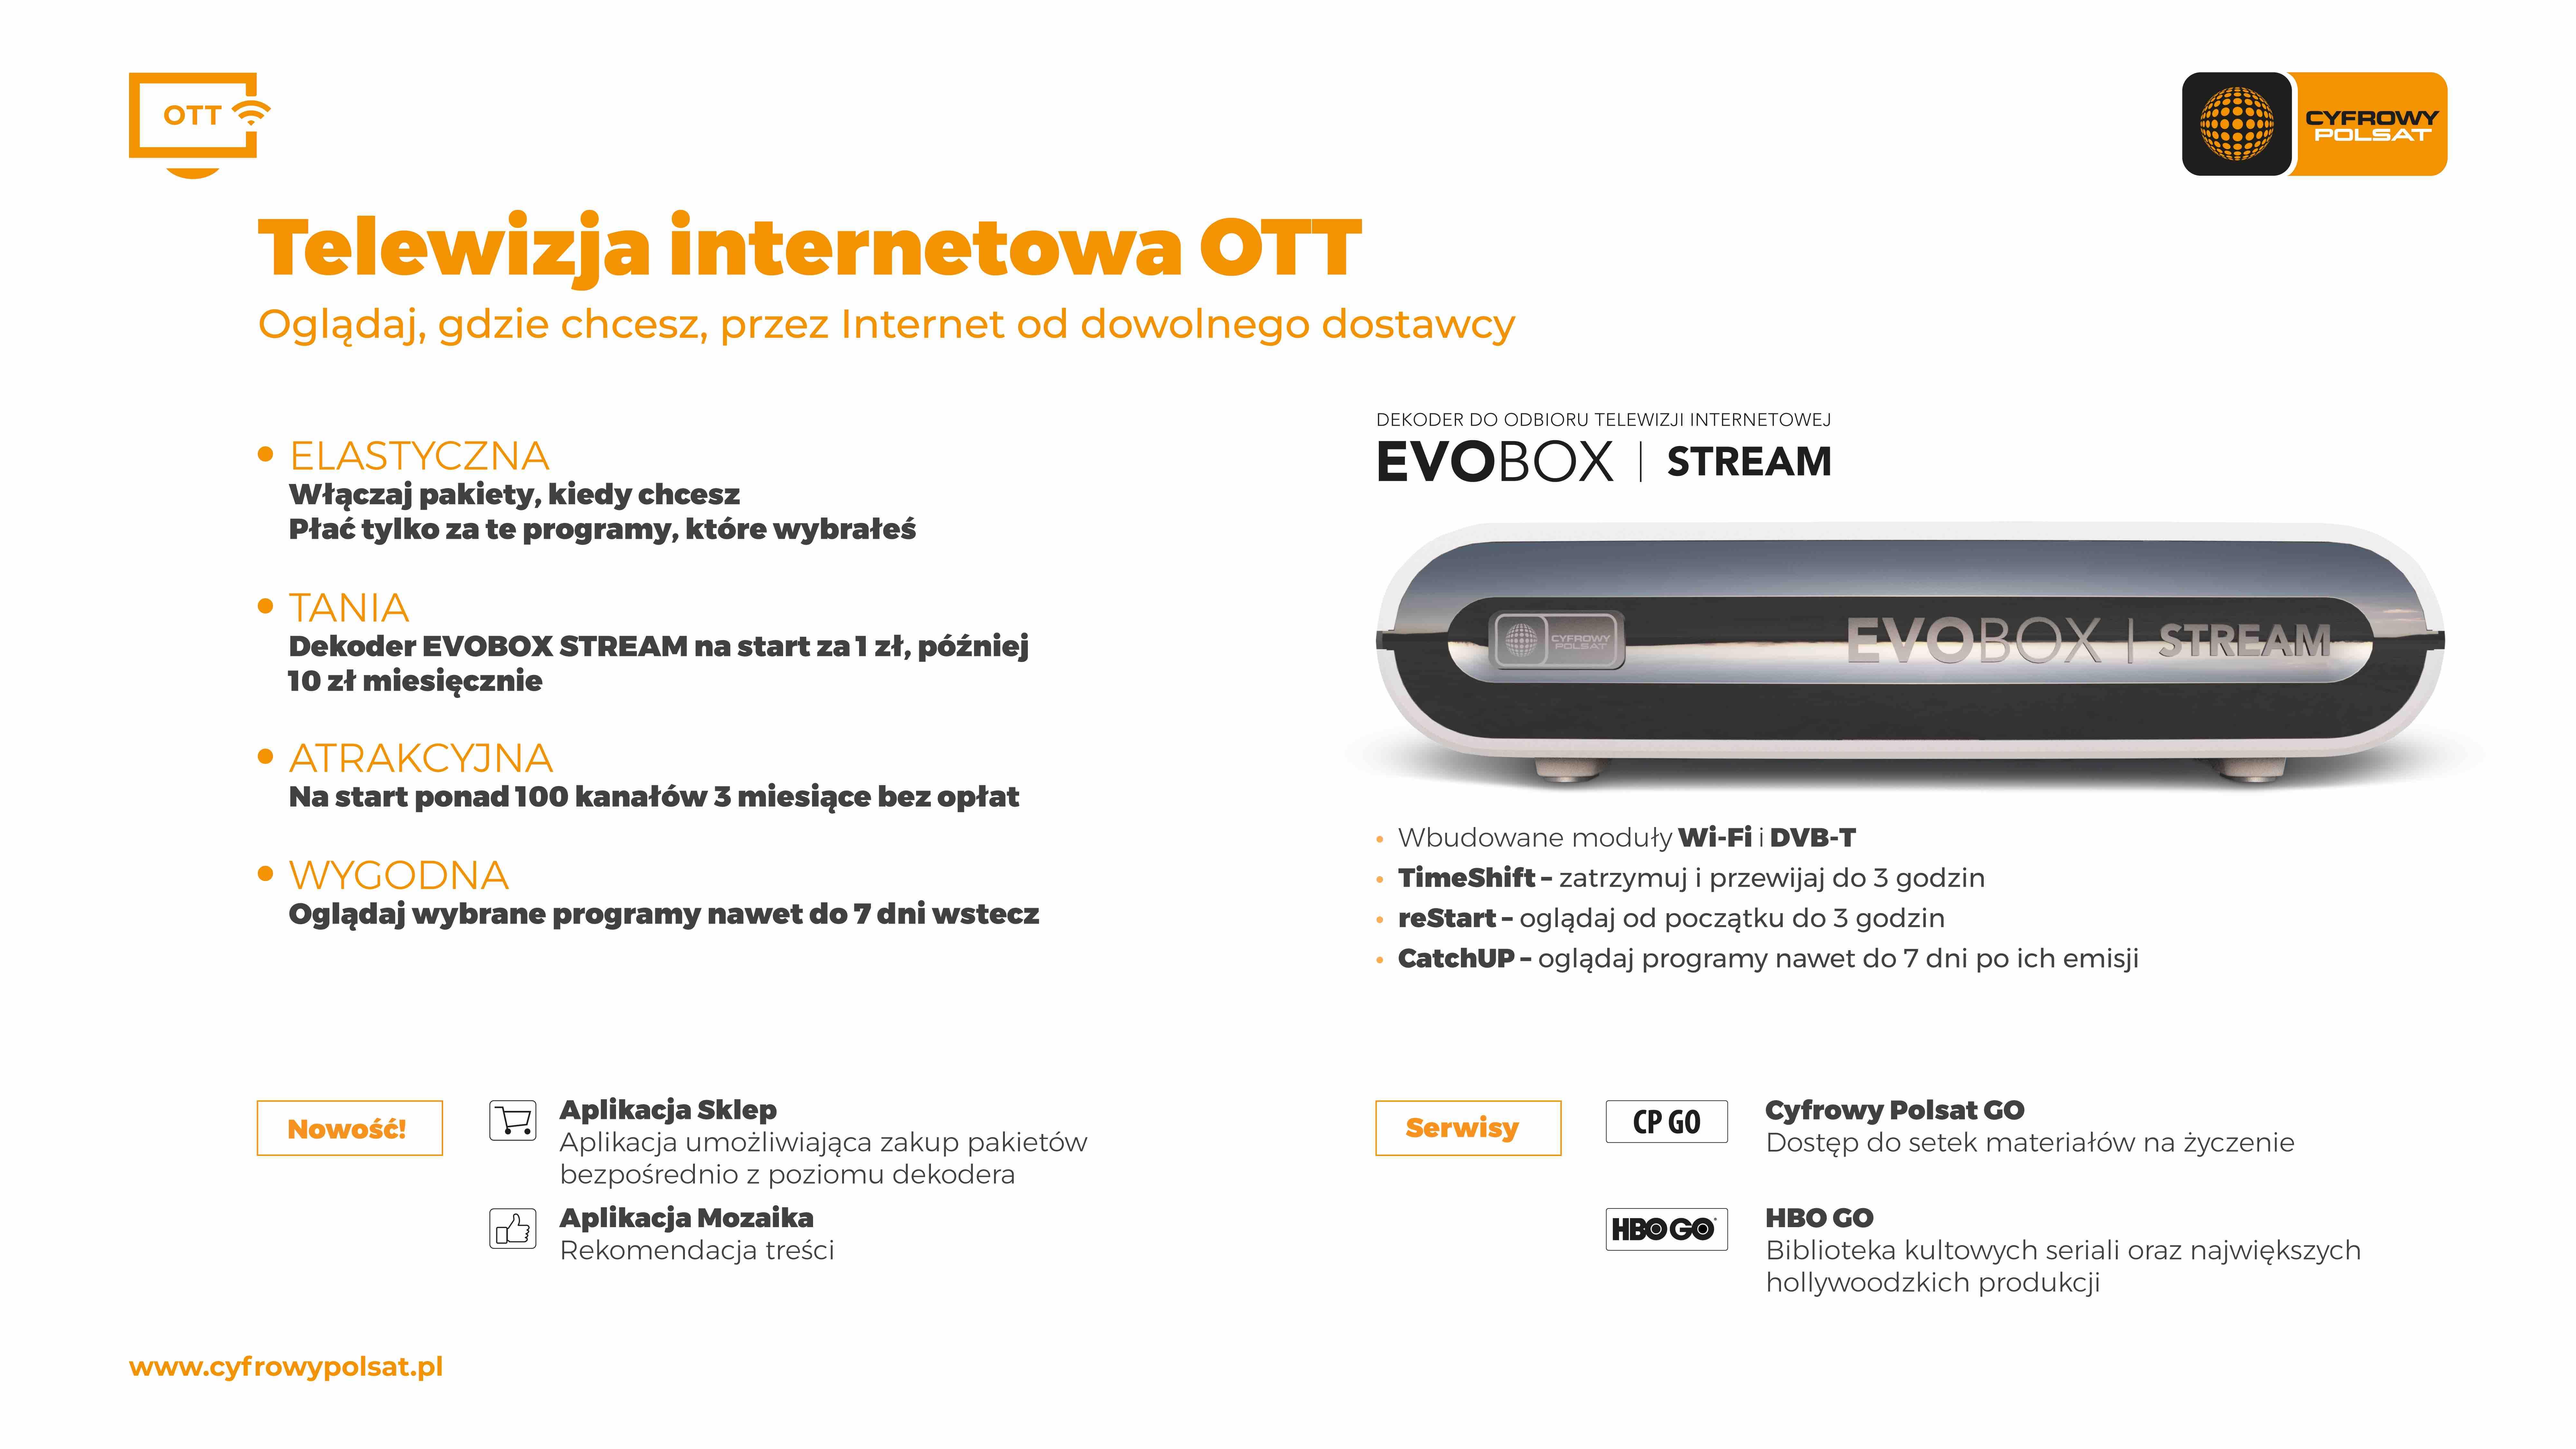 Telewizja Na Karte Polsat.Cyfrowy Polsat Z Dekoderem Evobox Stream I Elastyczną Ofertą Prepaid